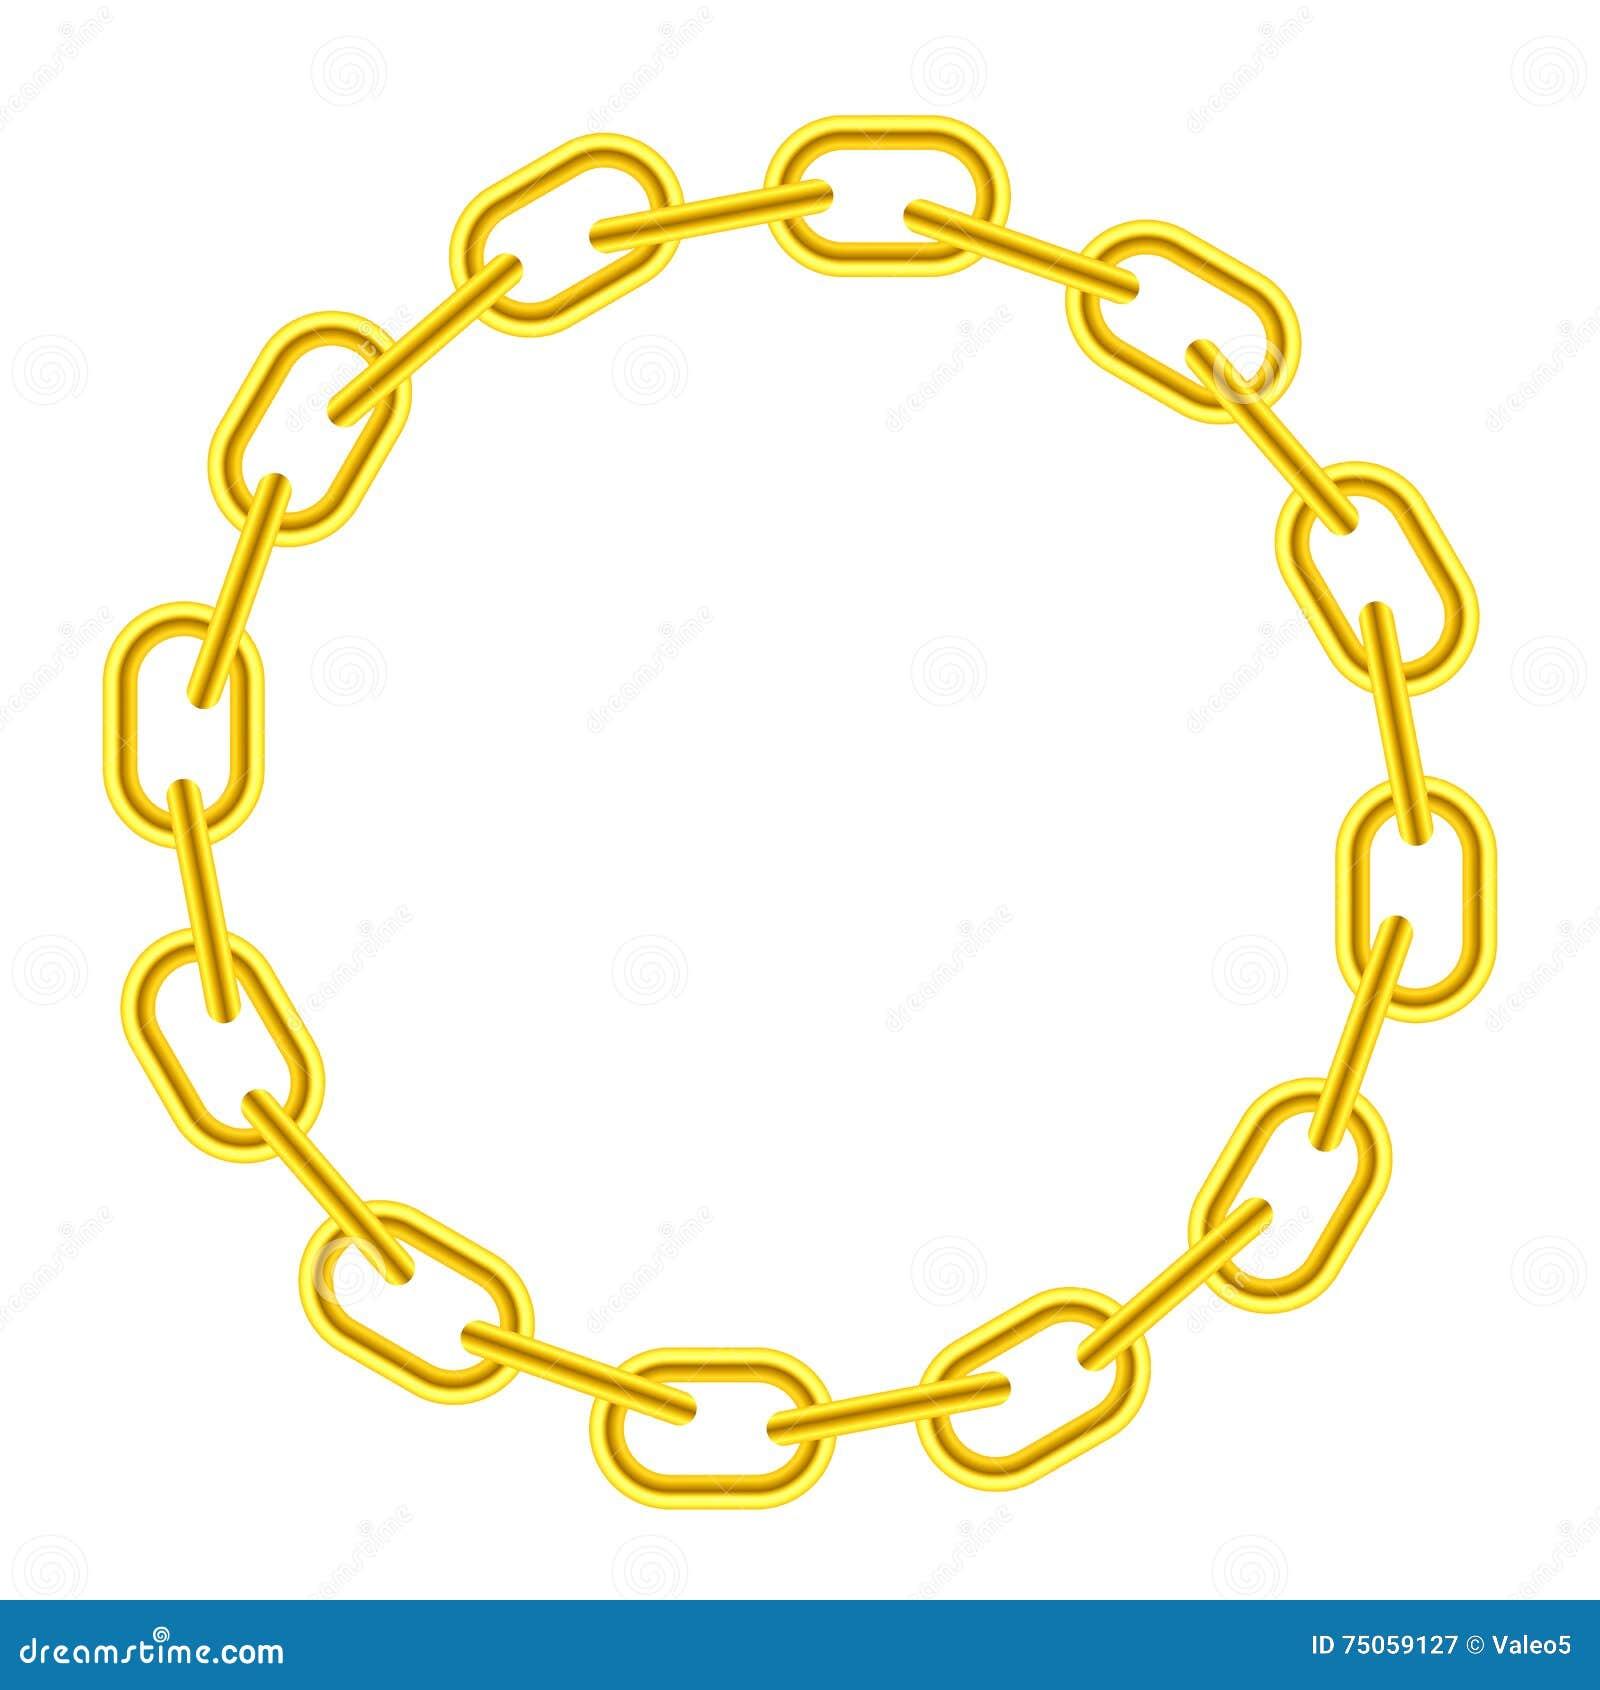 Gelber runder Kettenrahmen vektor abbildung. Illustration von ...